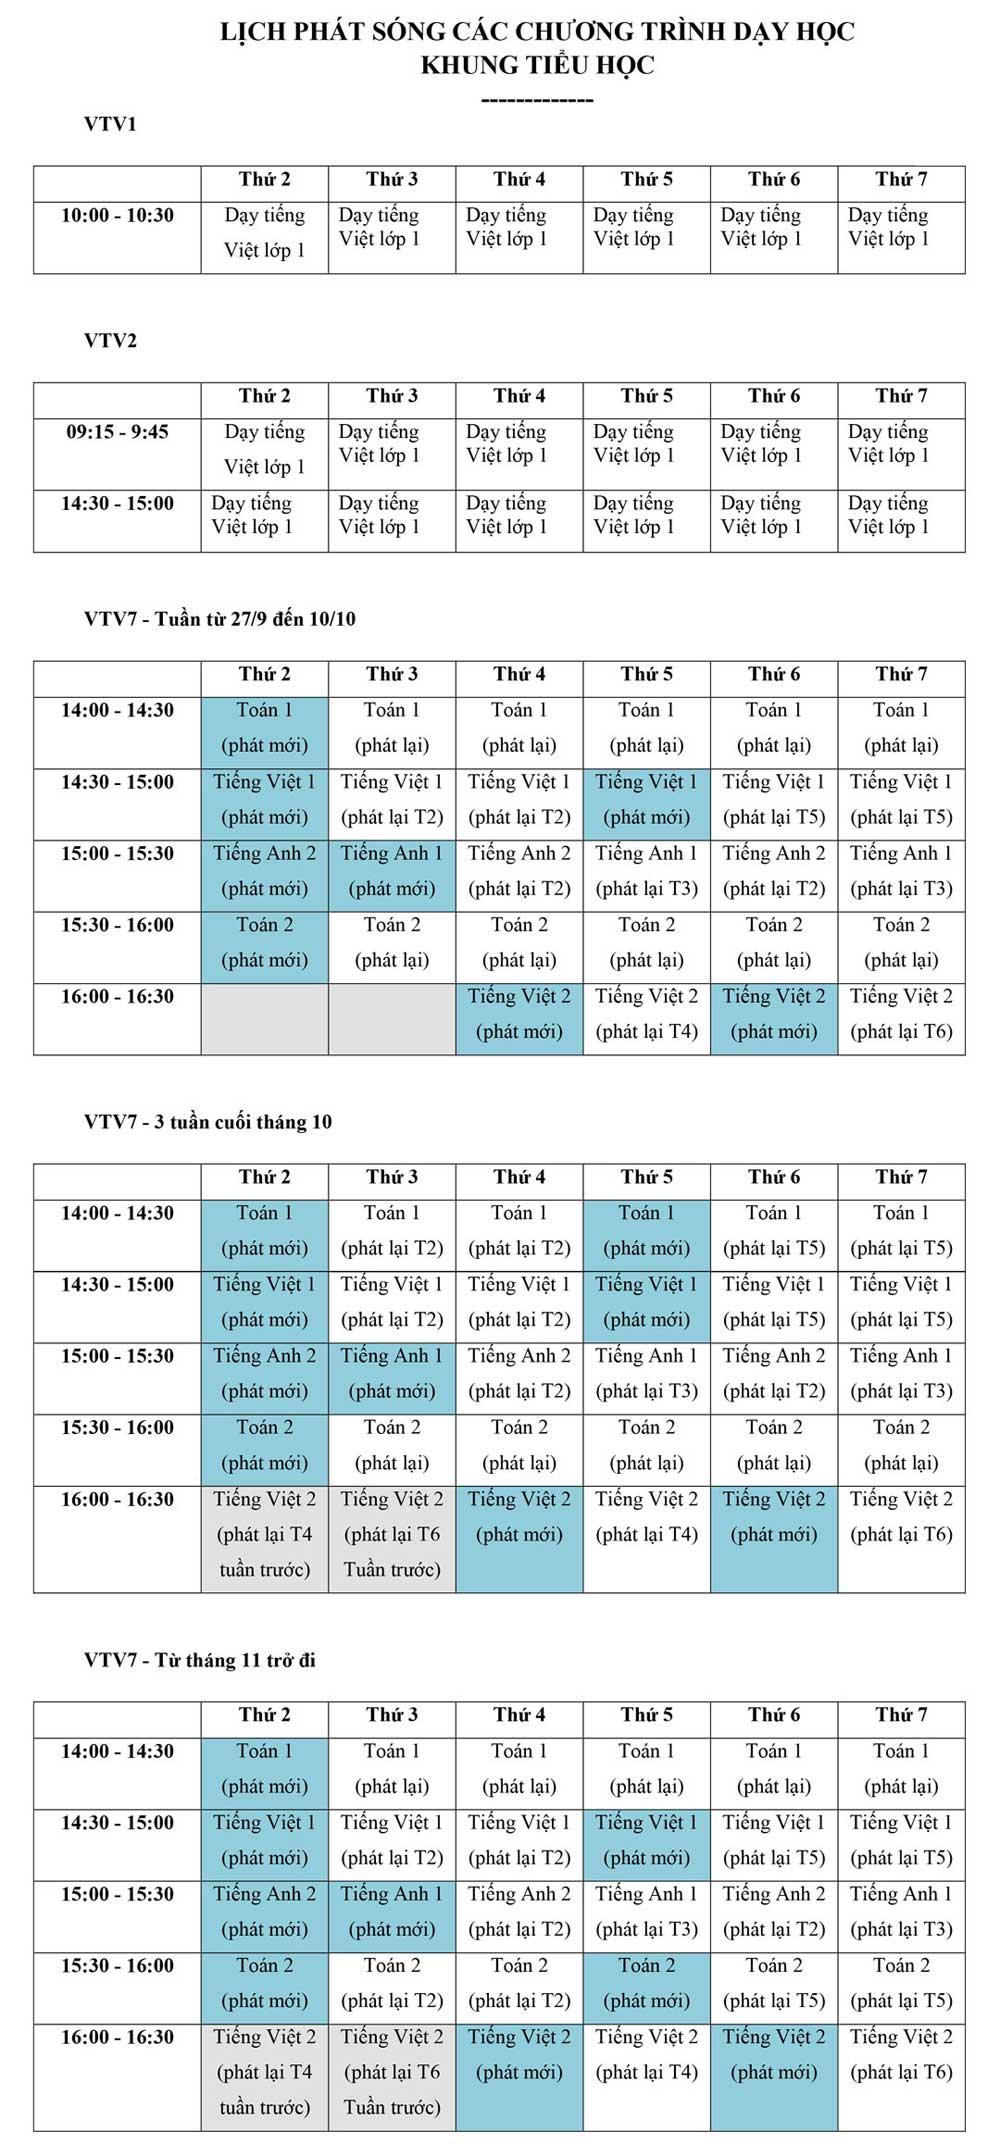 Ba kênh truyền hình quốc gia, phát sóng, bài giảng lớp 1, lớp 2